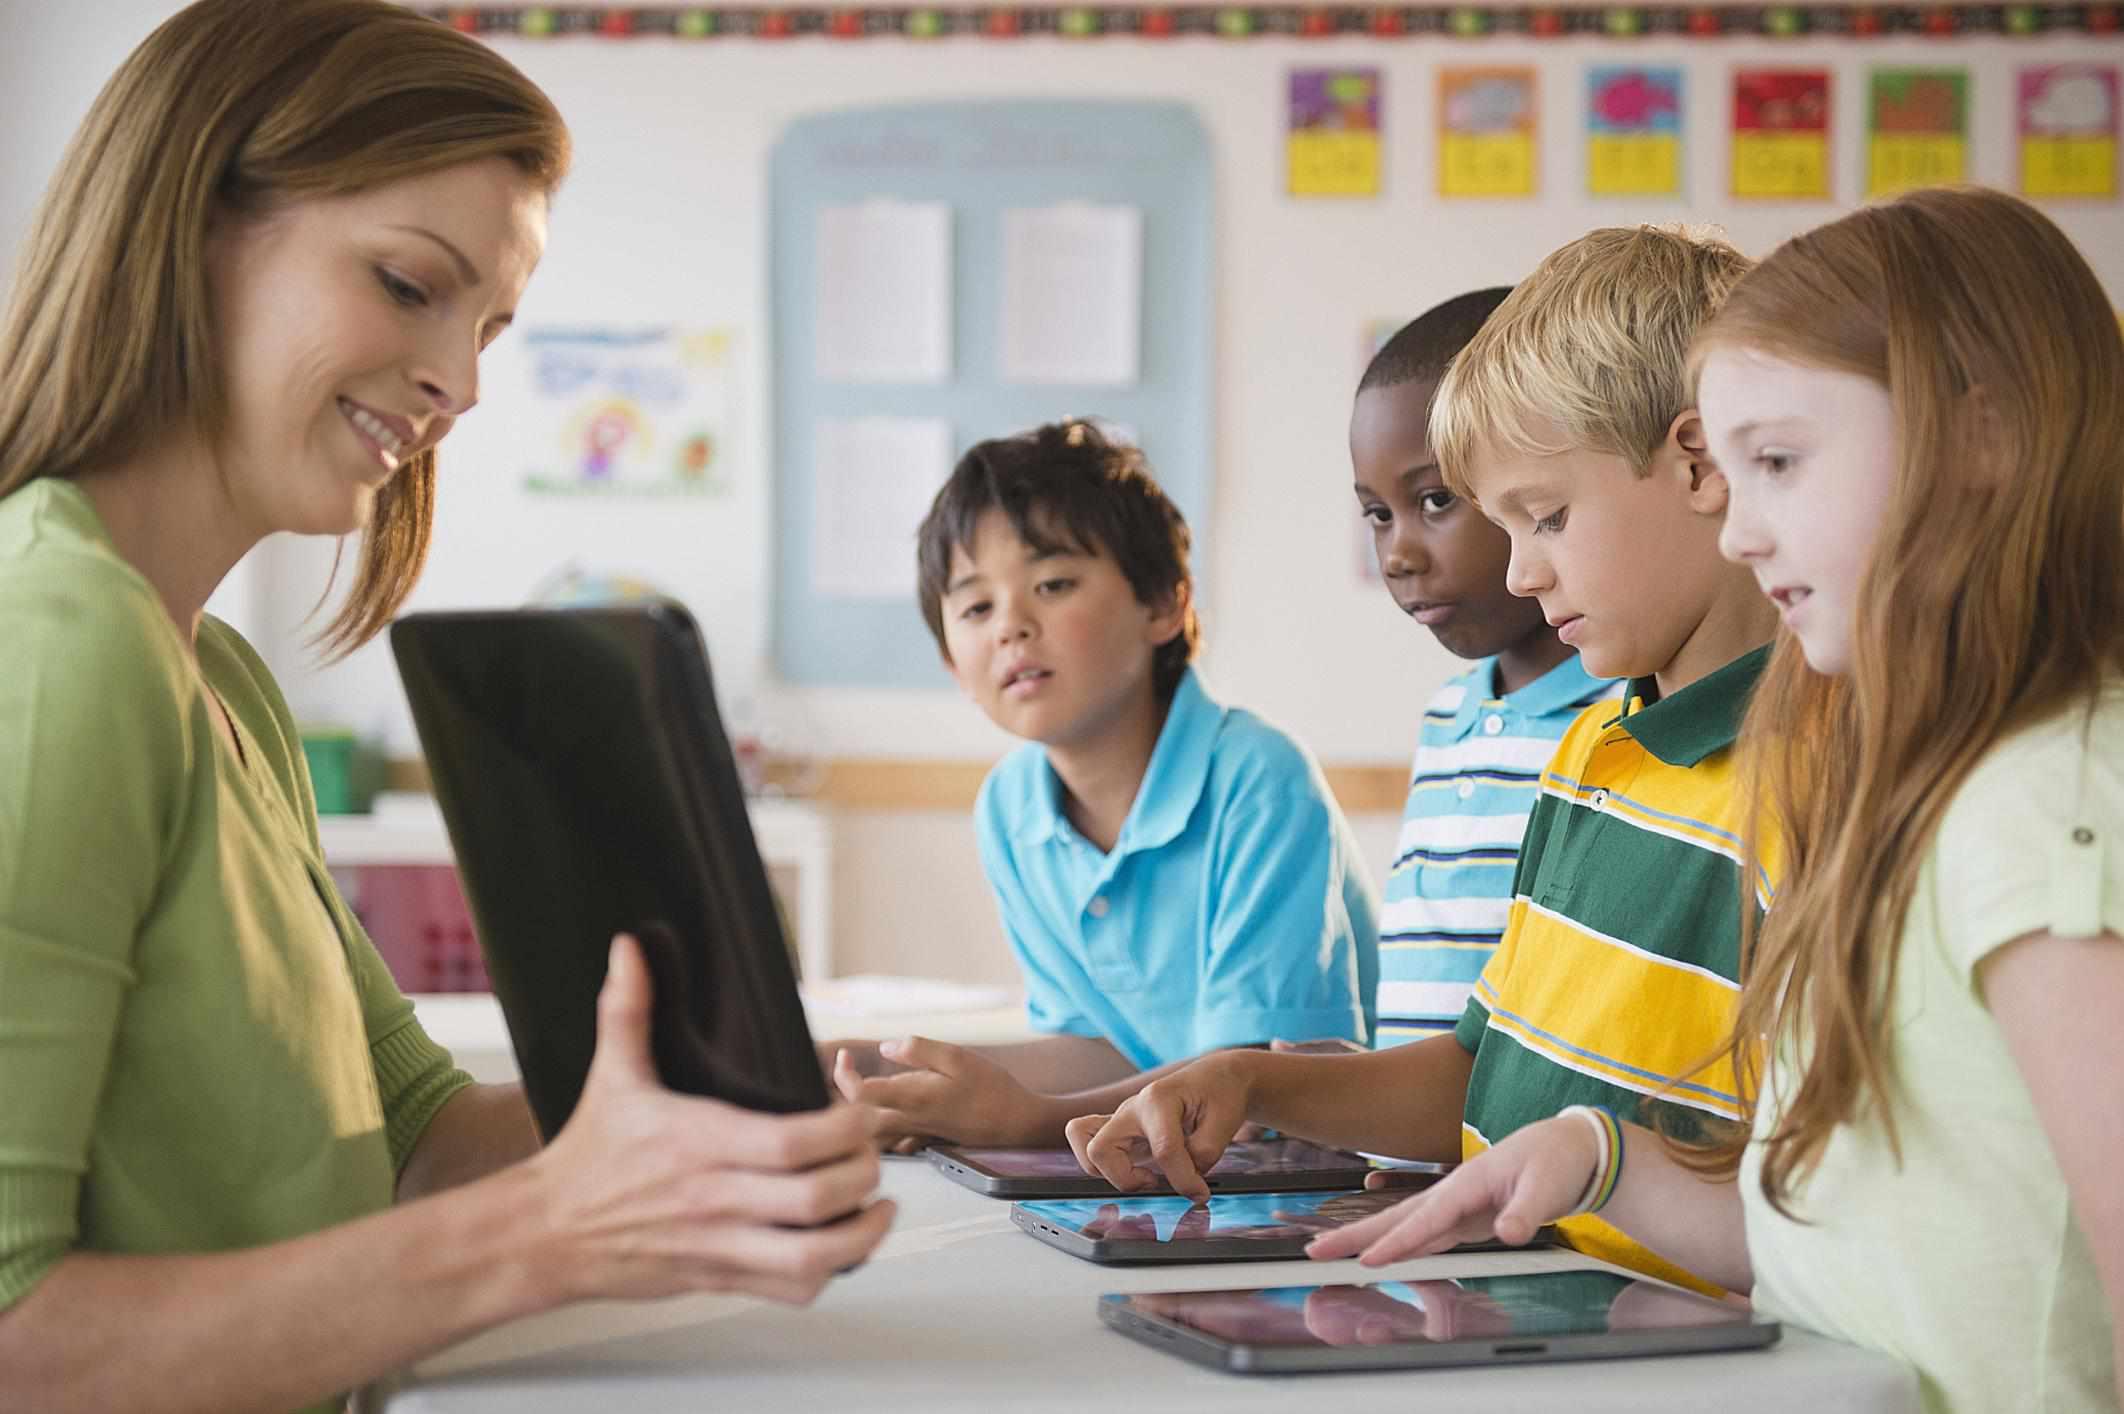 A teacher showing children a tablet